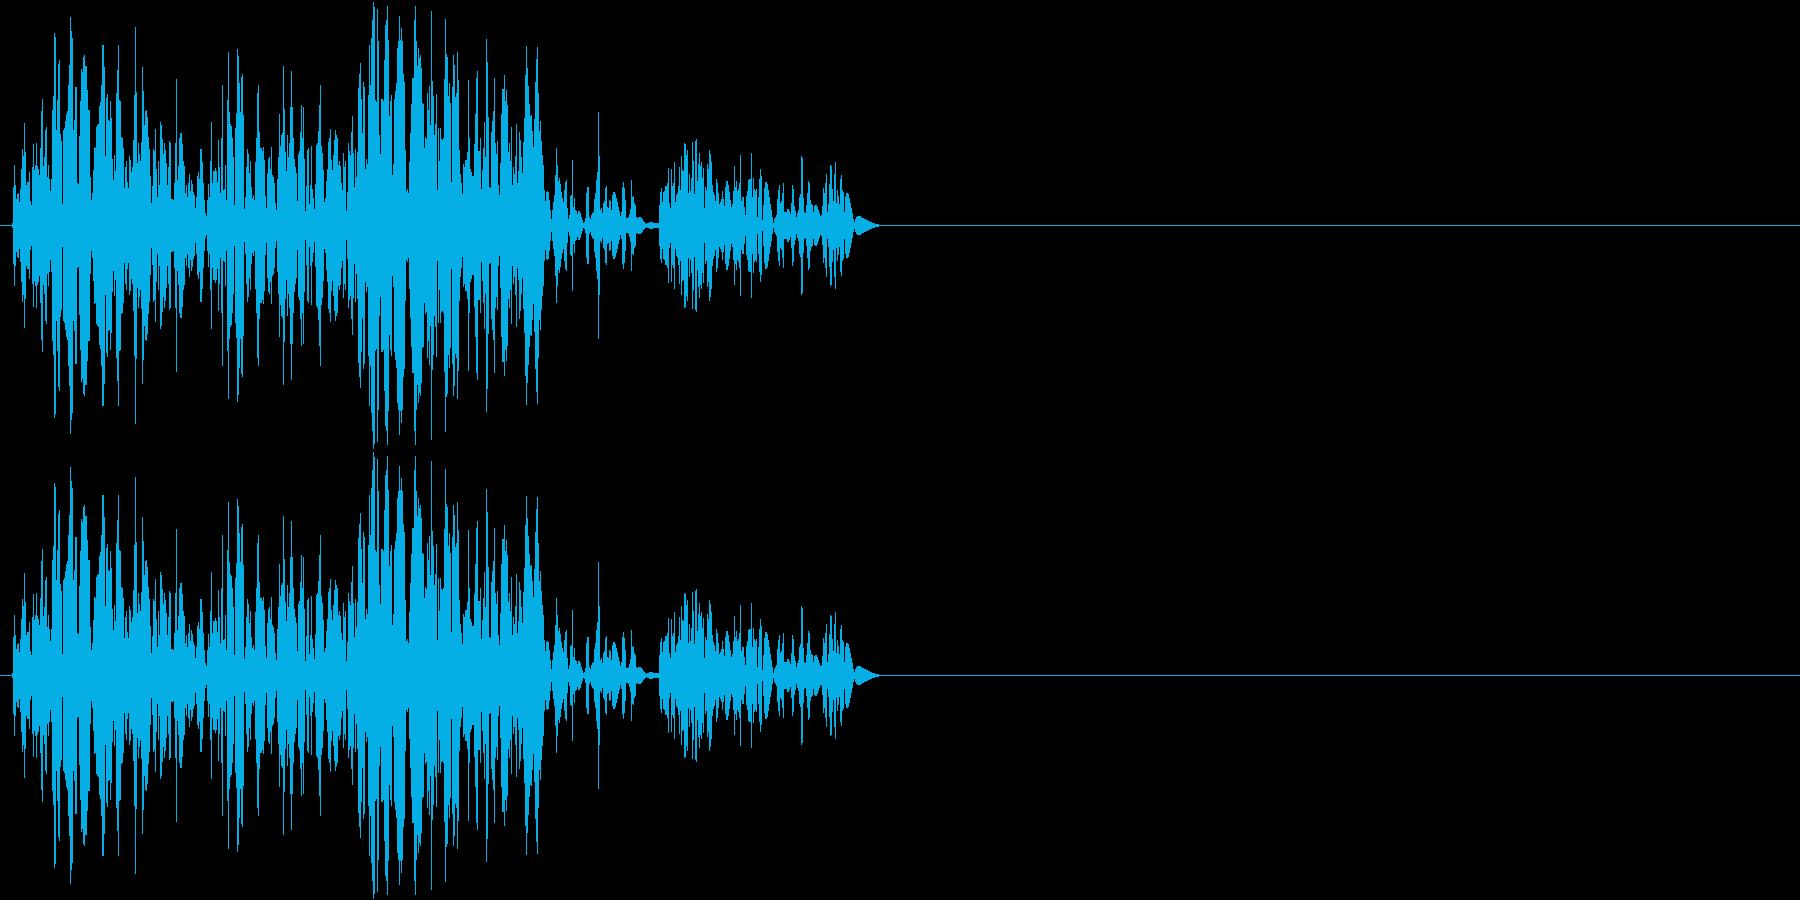 【ガスッ!】ファミコン系 破壊音_01の再生済みの波形